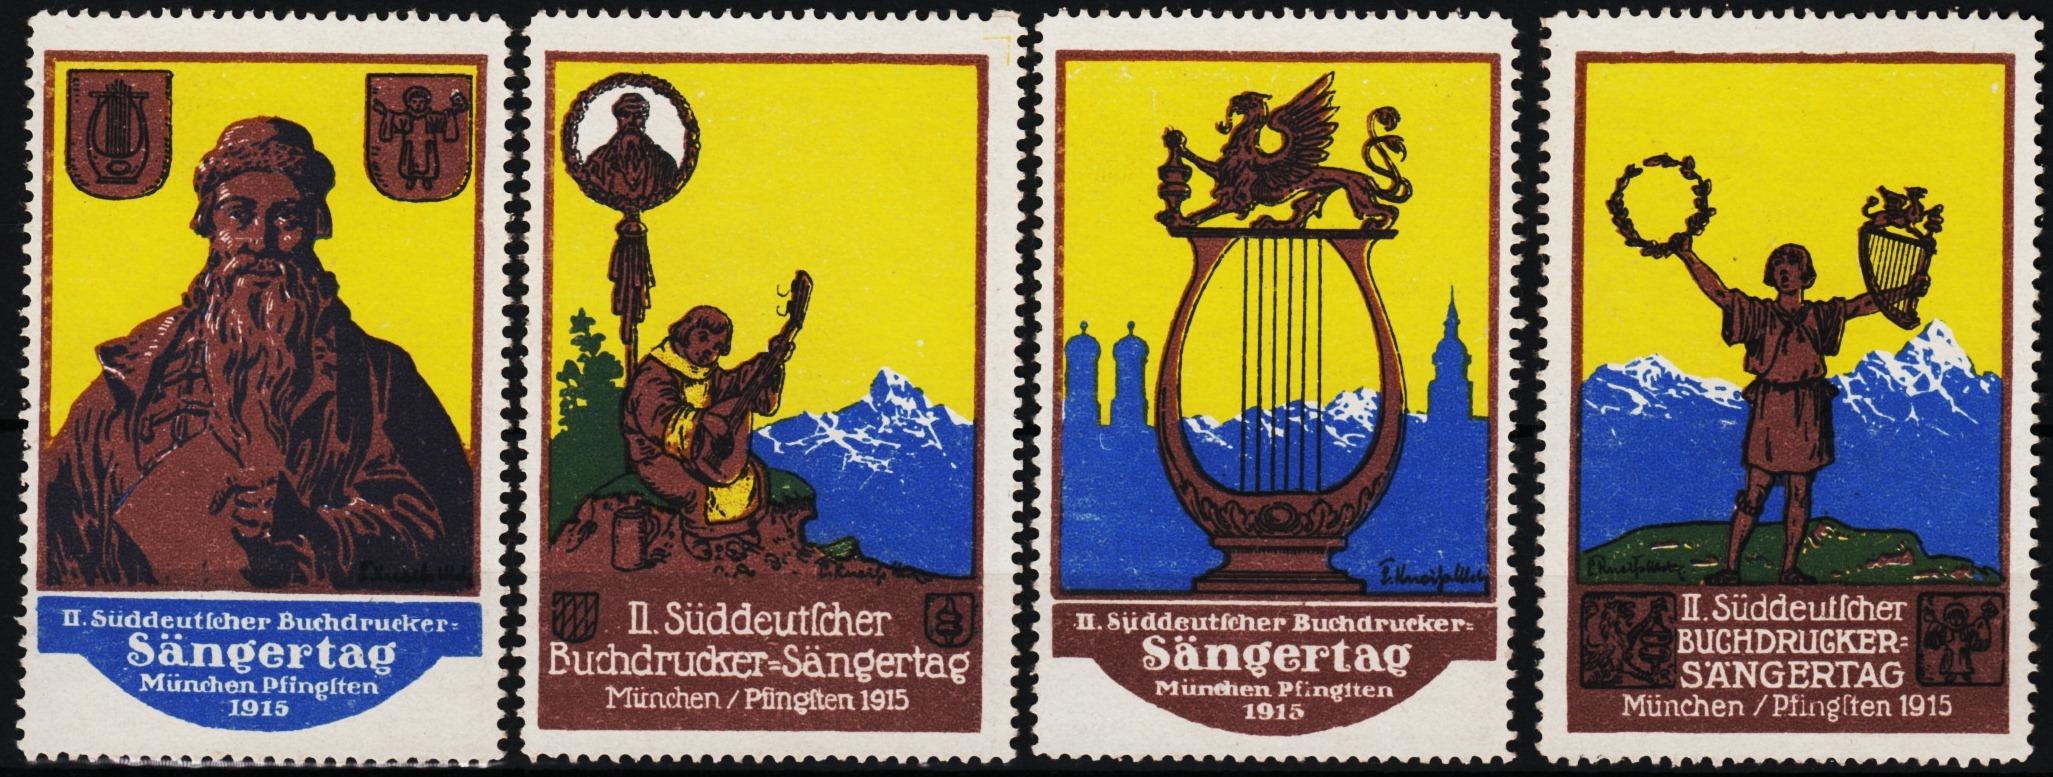 Verschlussmarken II. Buchdrucker-Sängertag München / Pfingsten 1915